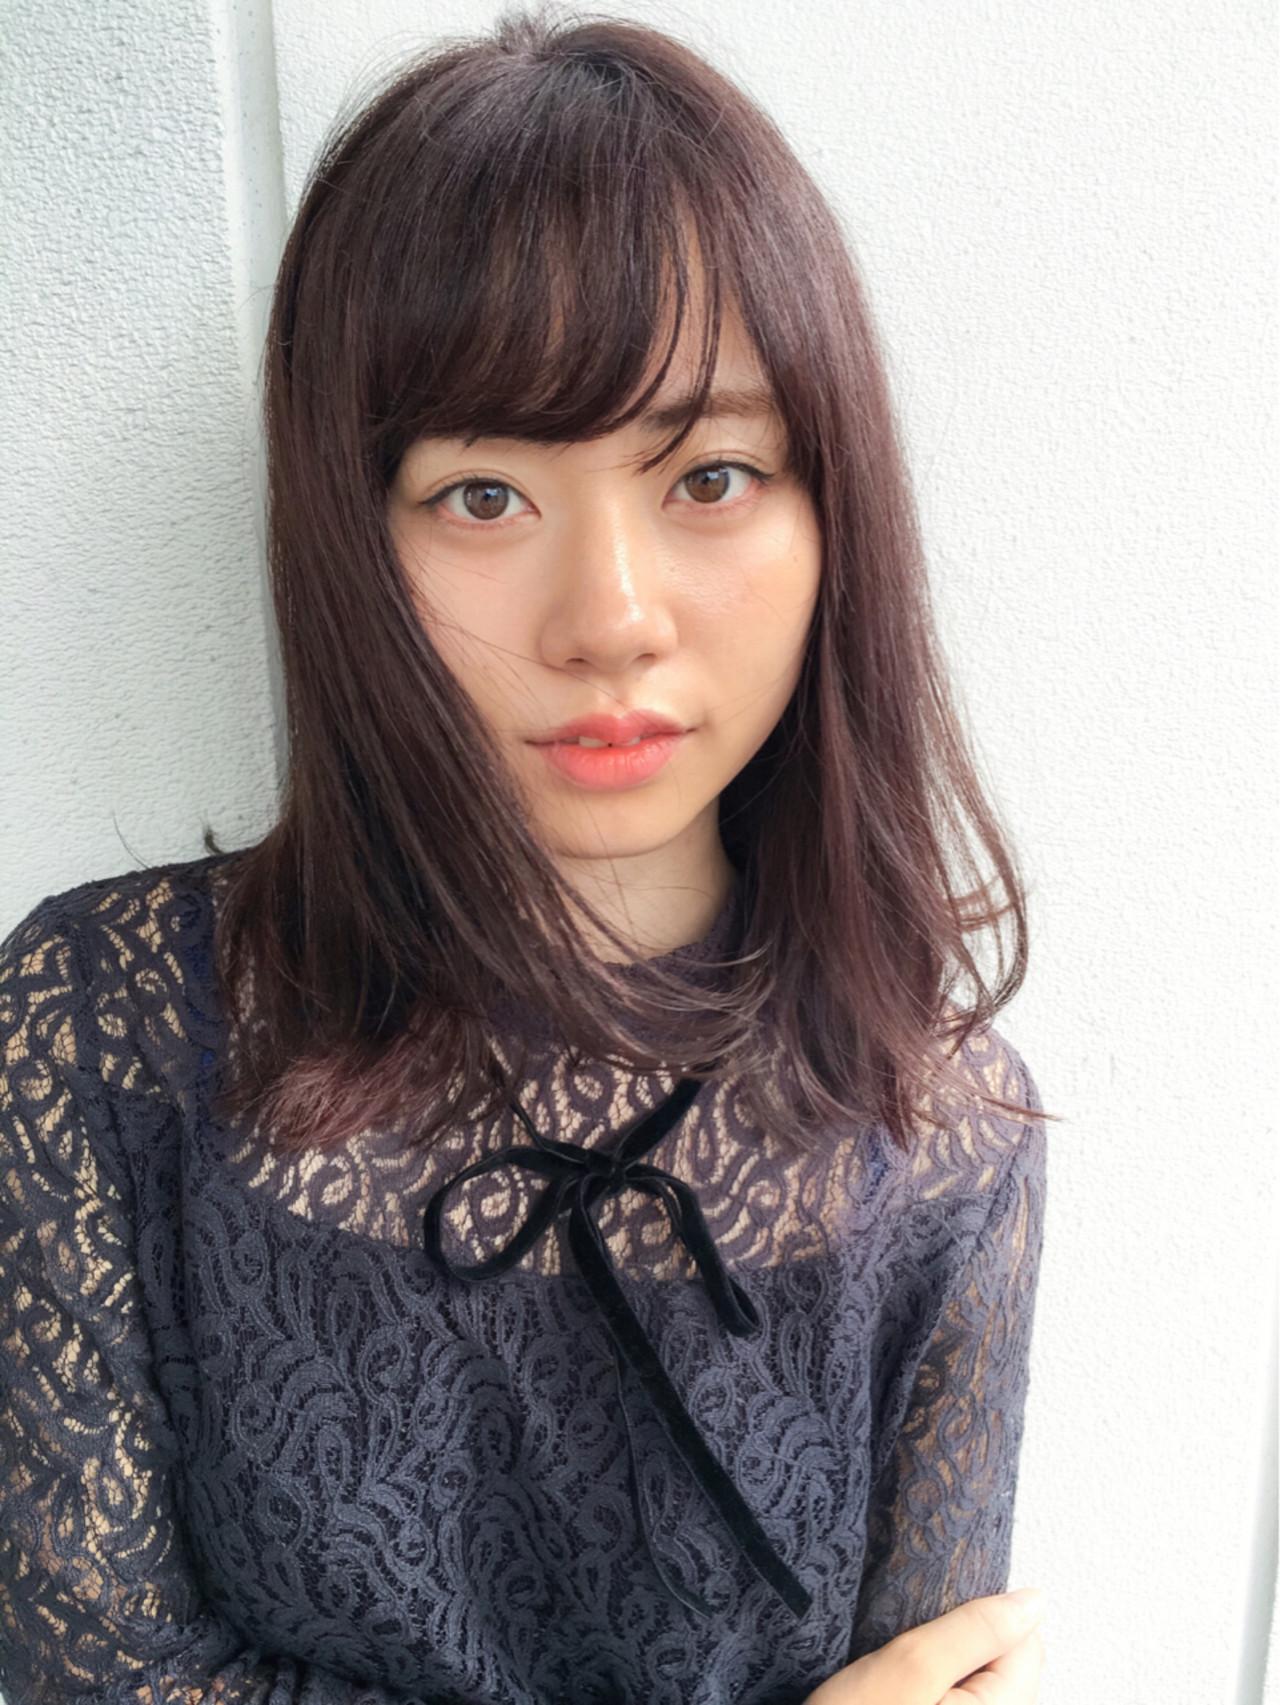 ミディアム ピンクブラウン 暗髪 ベリー ヘアスタイルや髪型の写真・画像